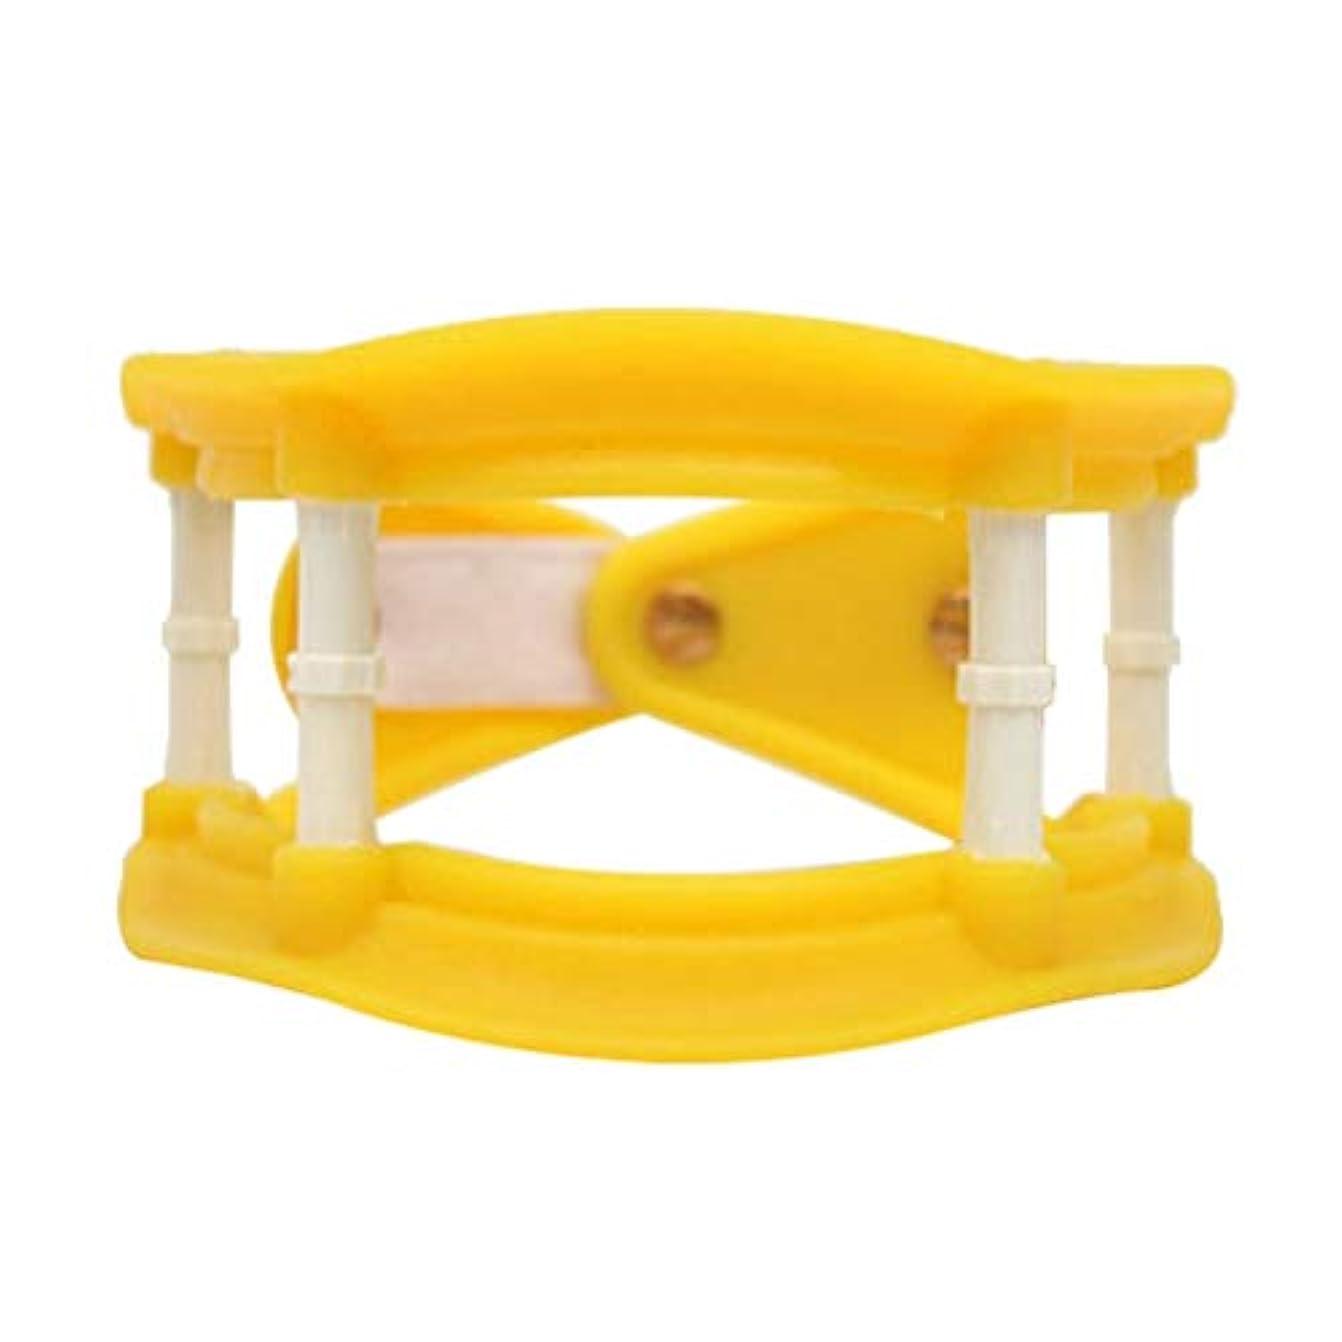 火宿泊蒸Healifty 首の牽引通気性の首サポートブレース調整可能な首のつばの首の痛みを軽減します傷害回復(黄色)